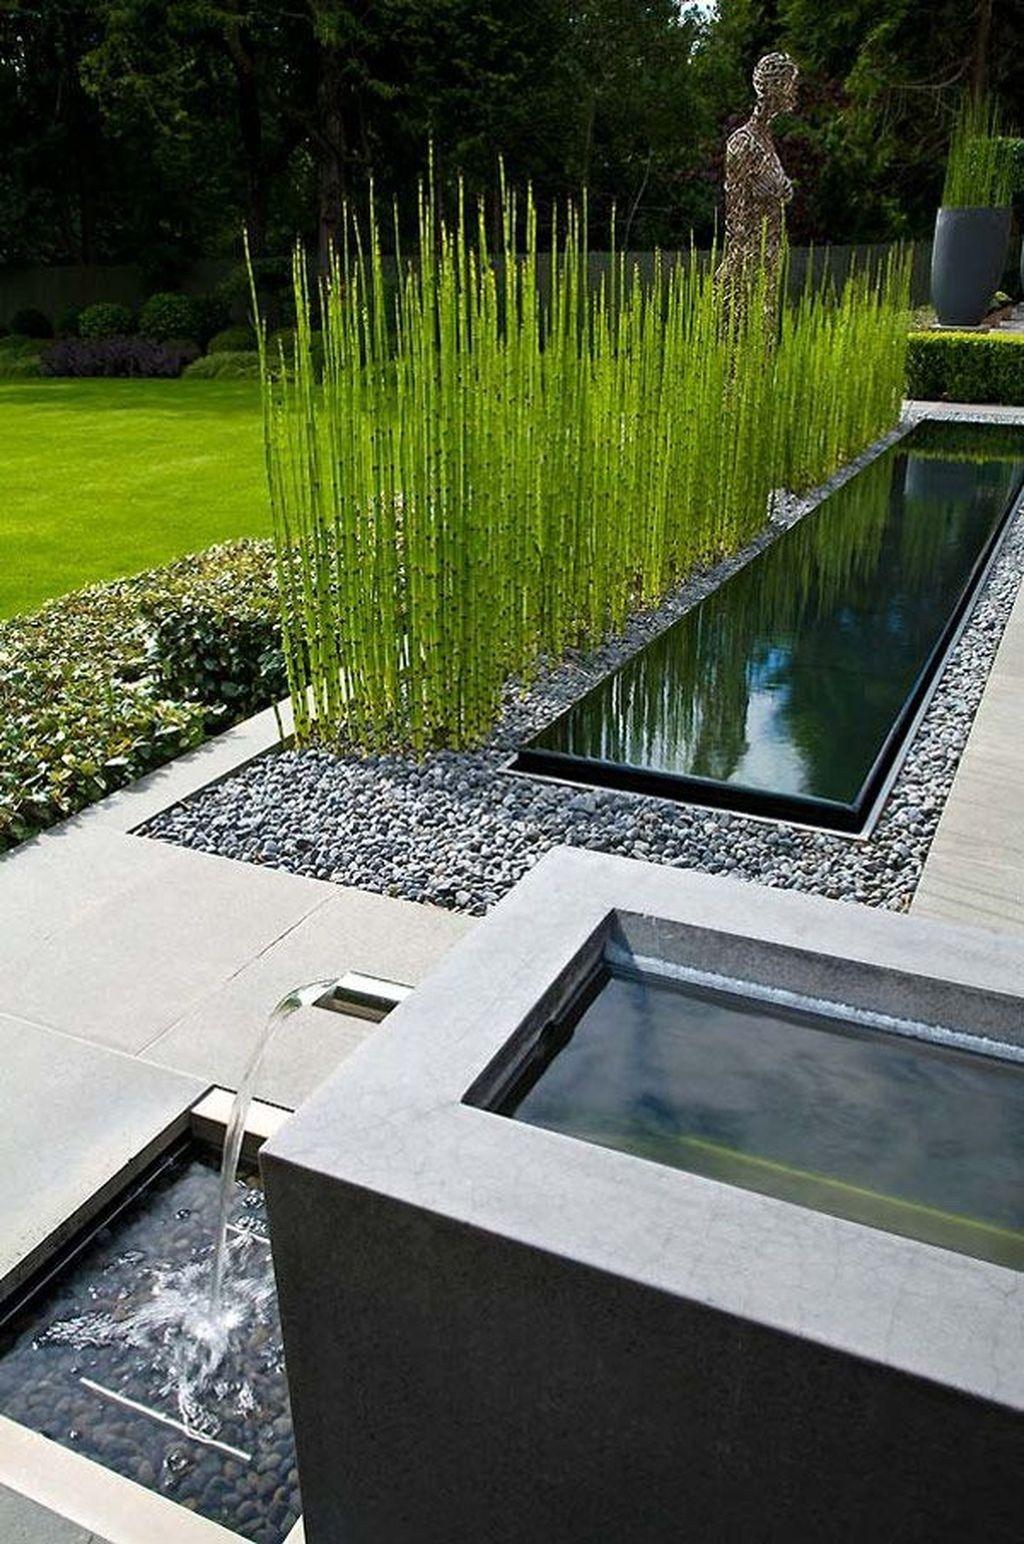 Vorgartengestaltung Modern Schön 43 totally Inspiring Modern Garden Design Ideas for Your